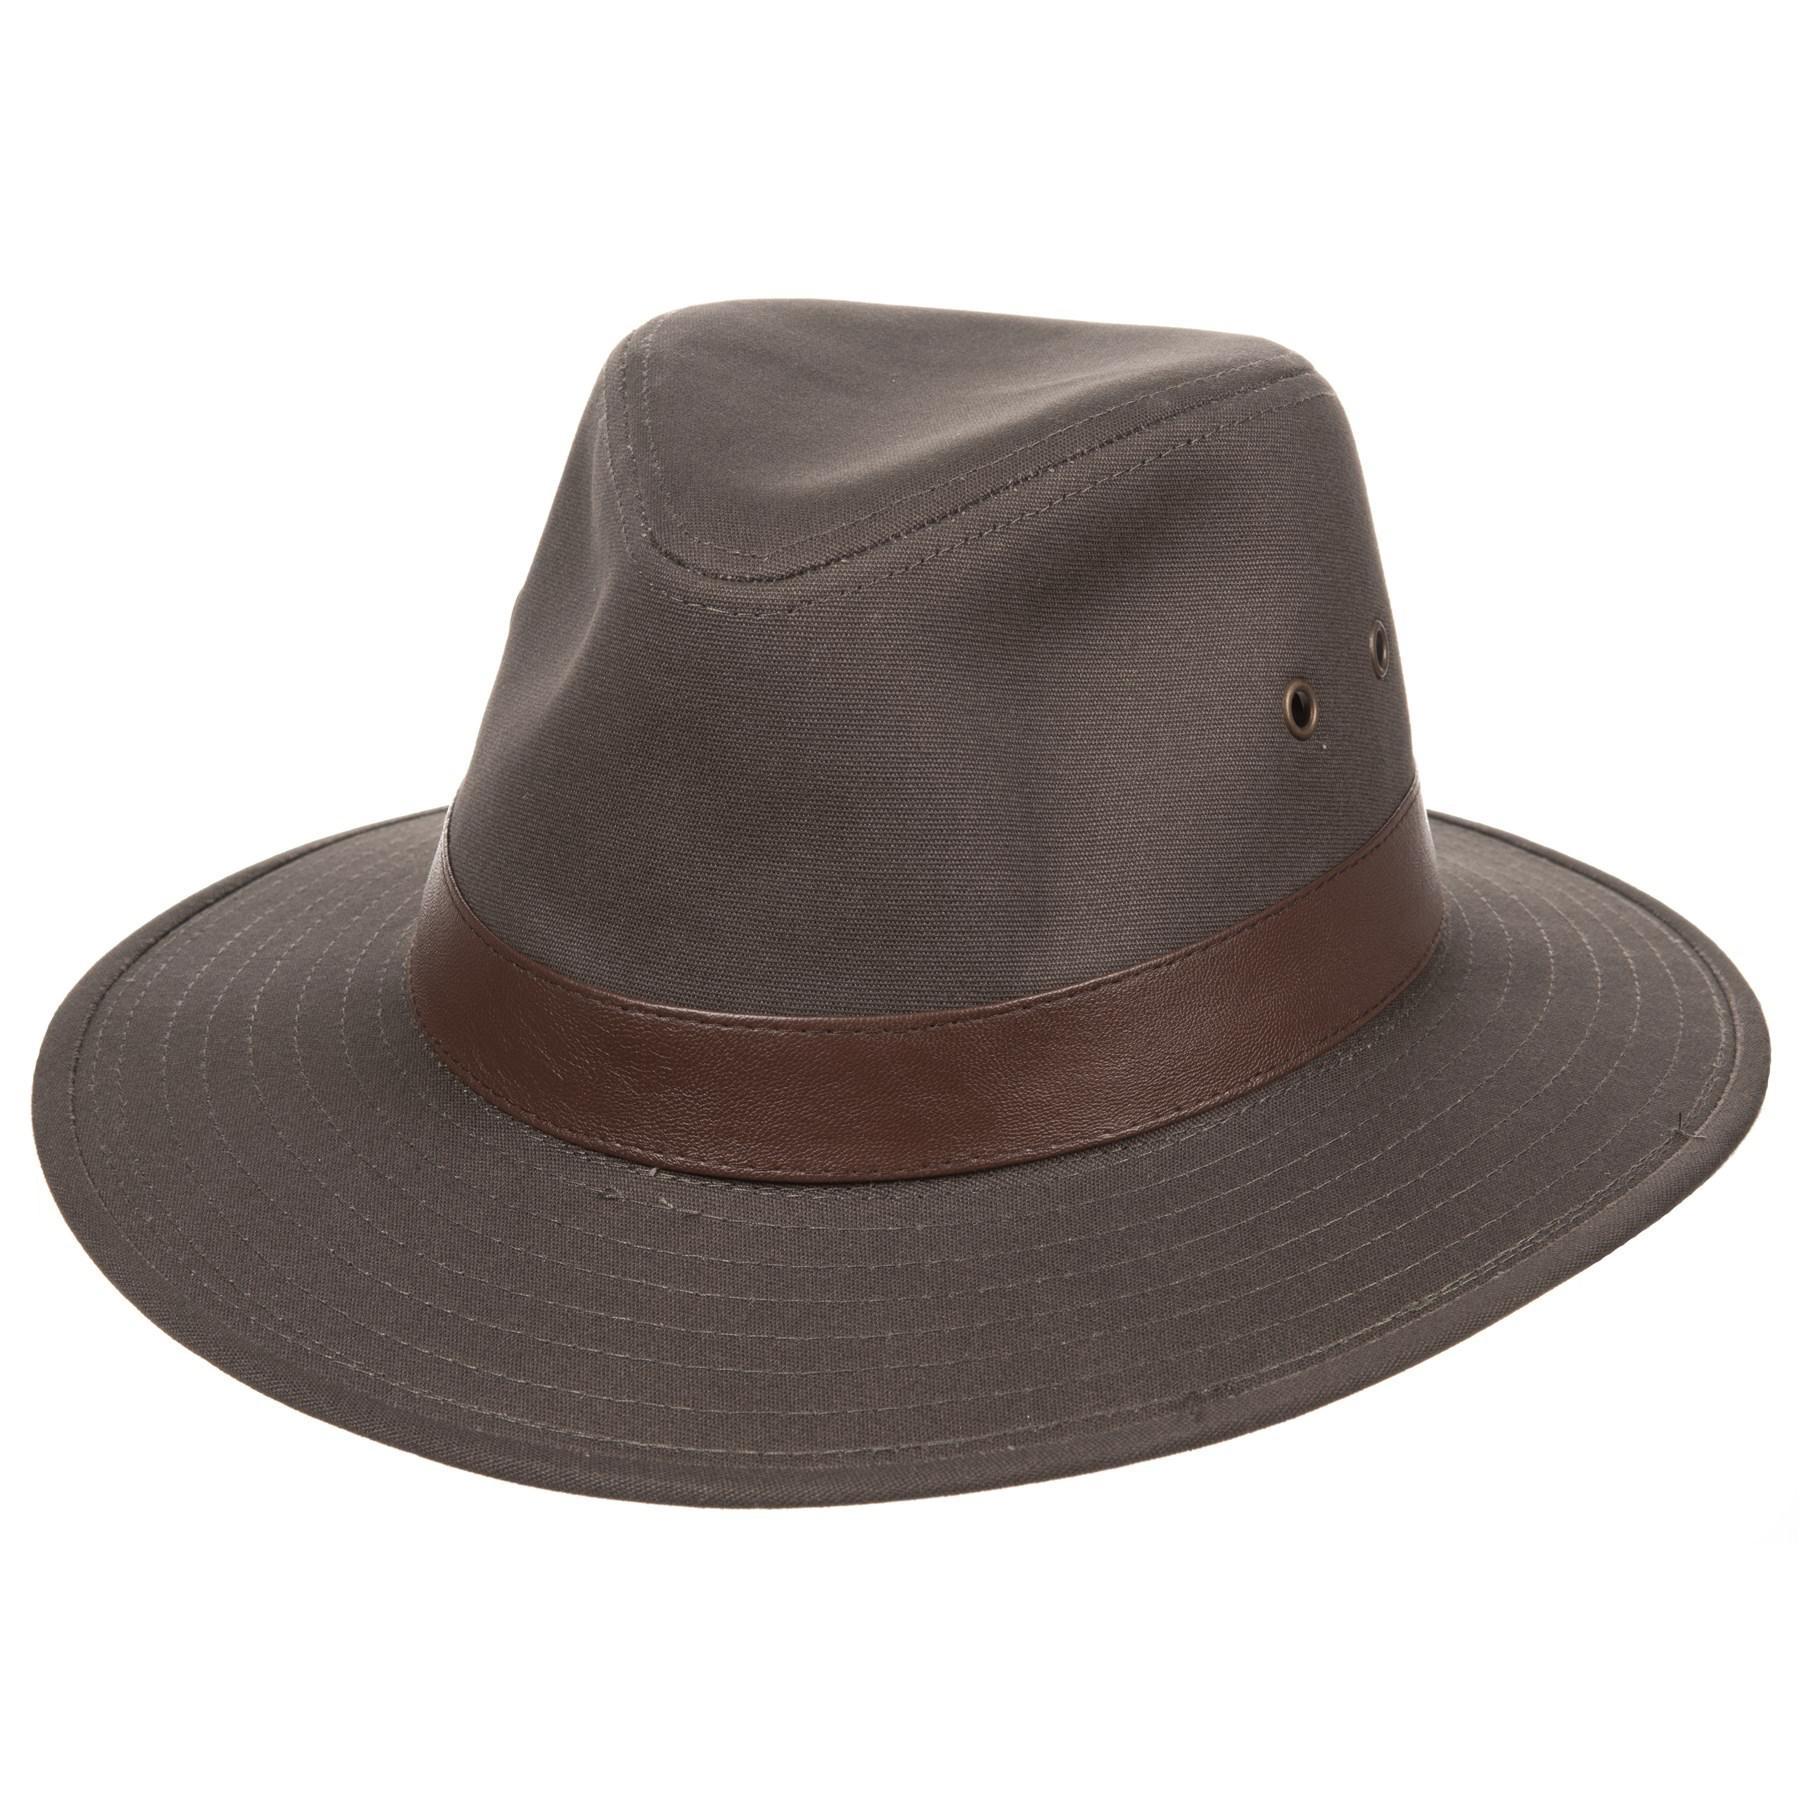 4c3ab2d0c05 Lyst - Henschel Outback Hat (for Men) in Green for Men